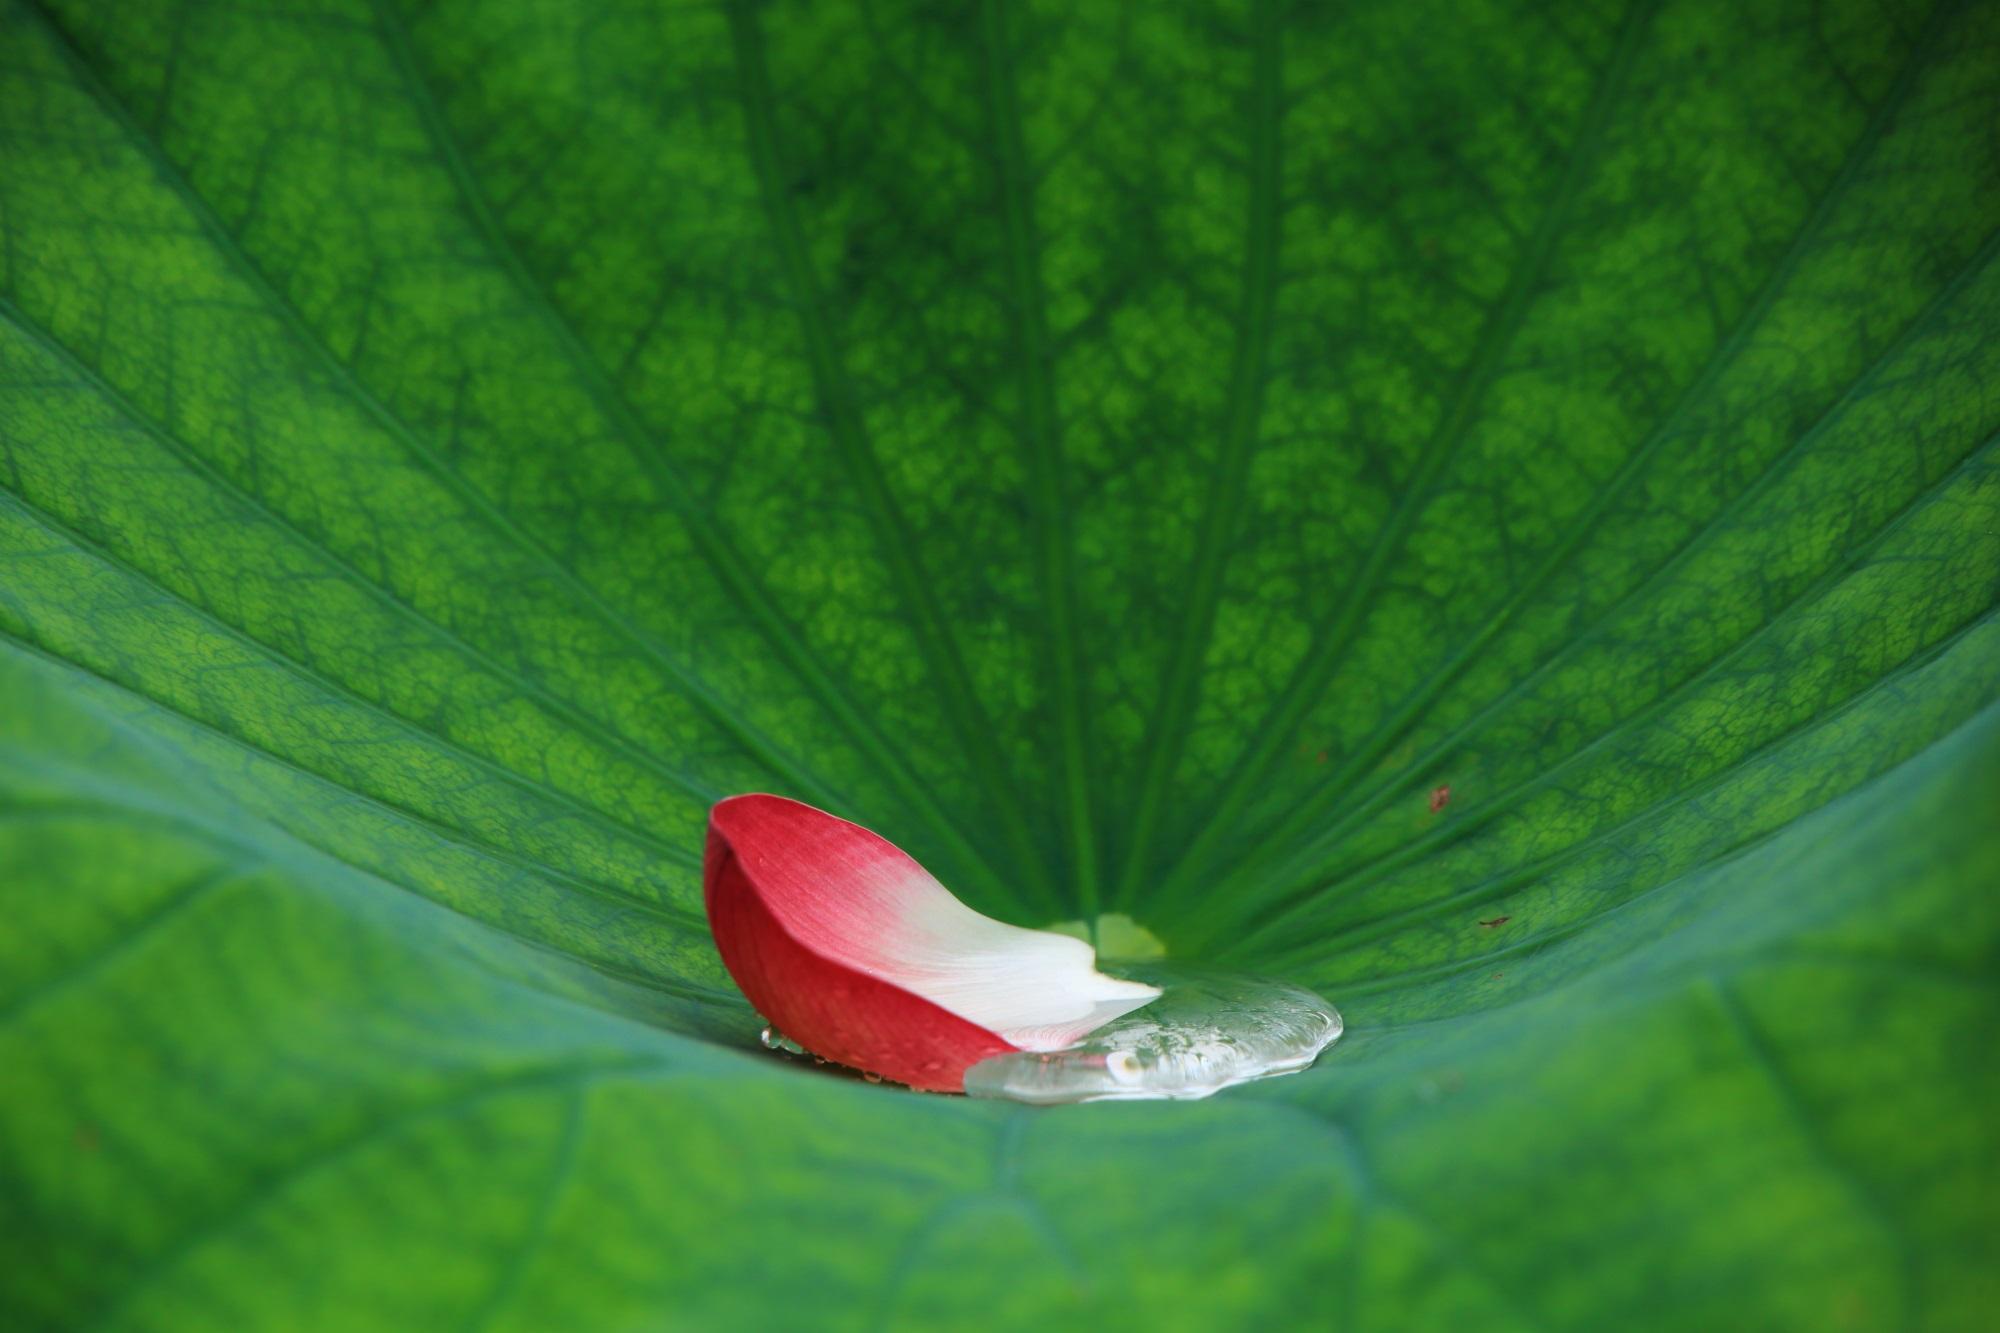 はすの葉に溜まった雨水と鮮やかな色合いの散った花びら